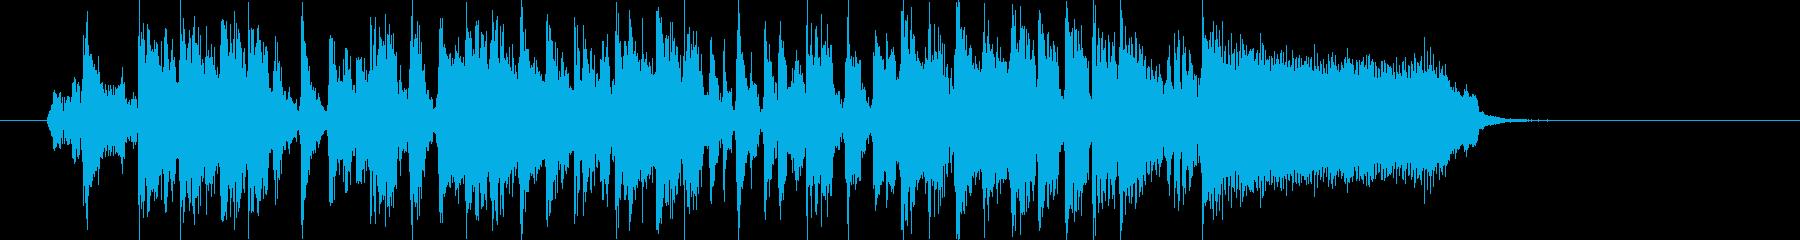 明るく楽しげなシンセサウンド短めの再生済みの波形